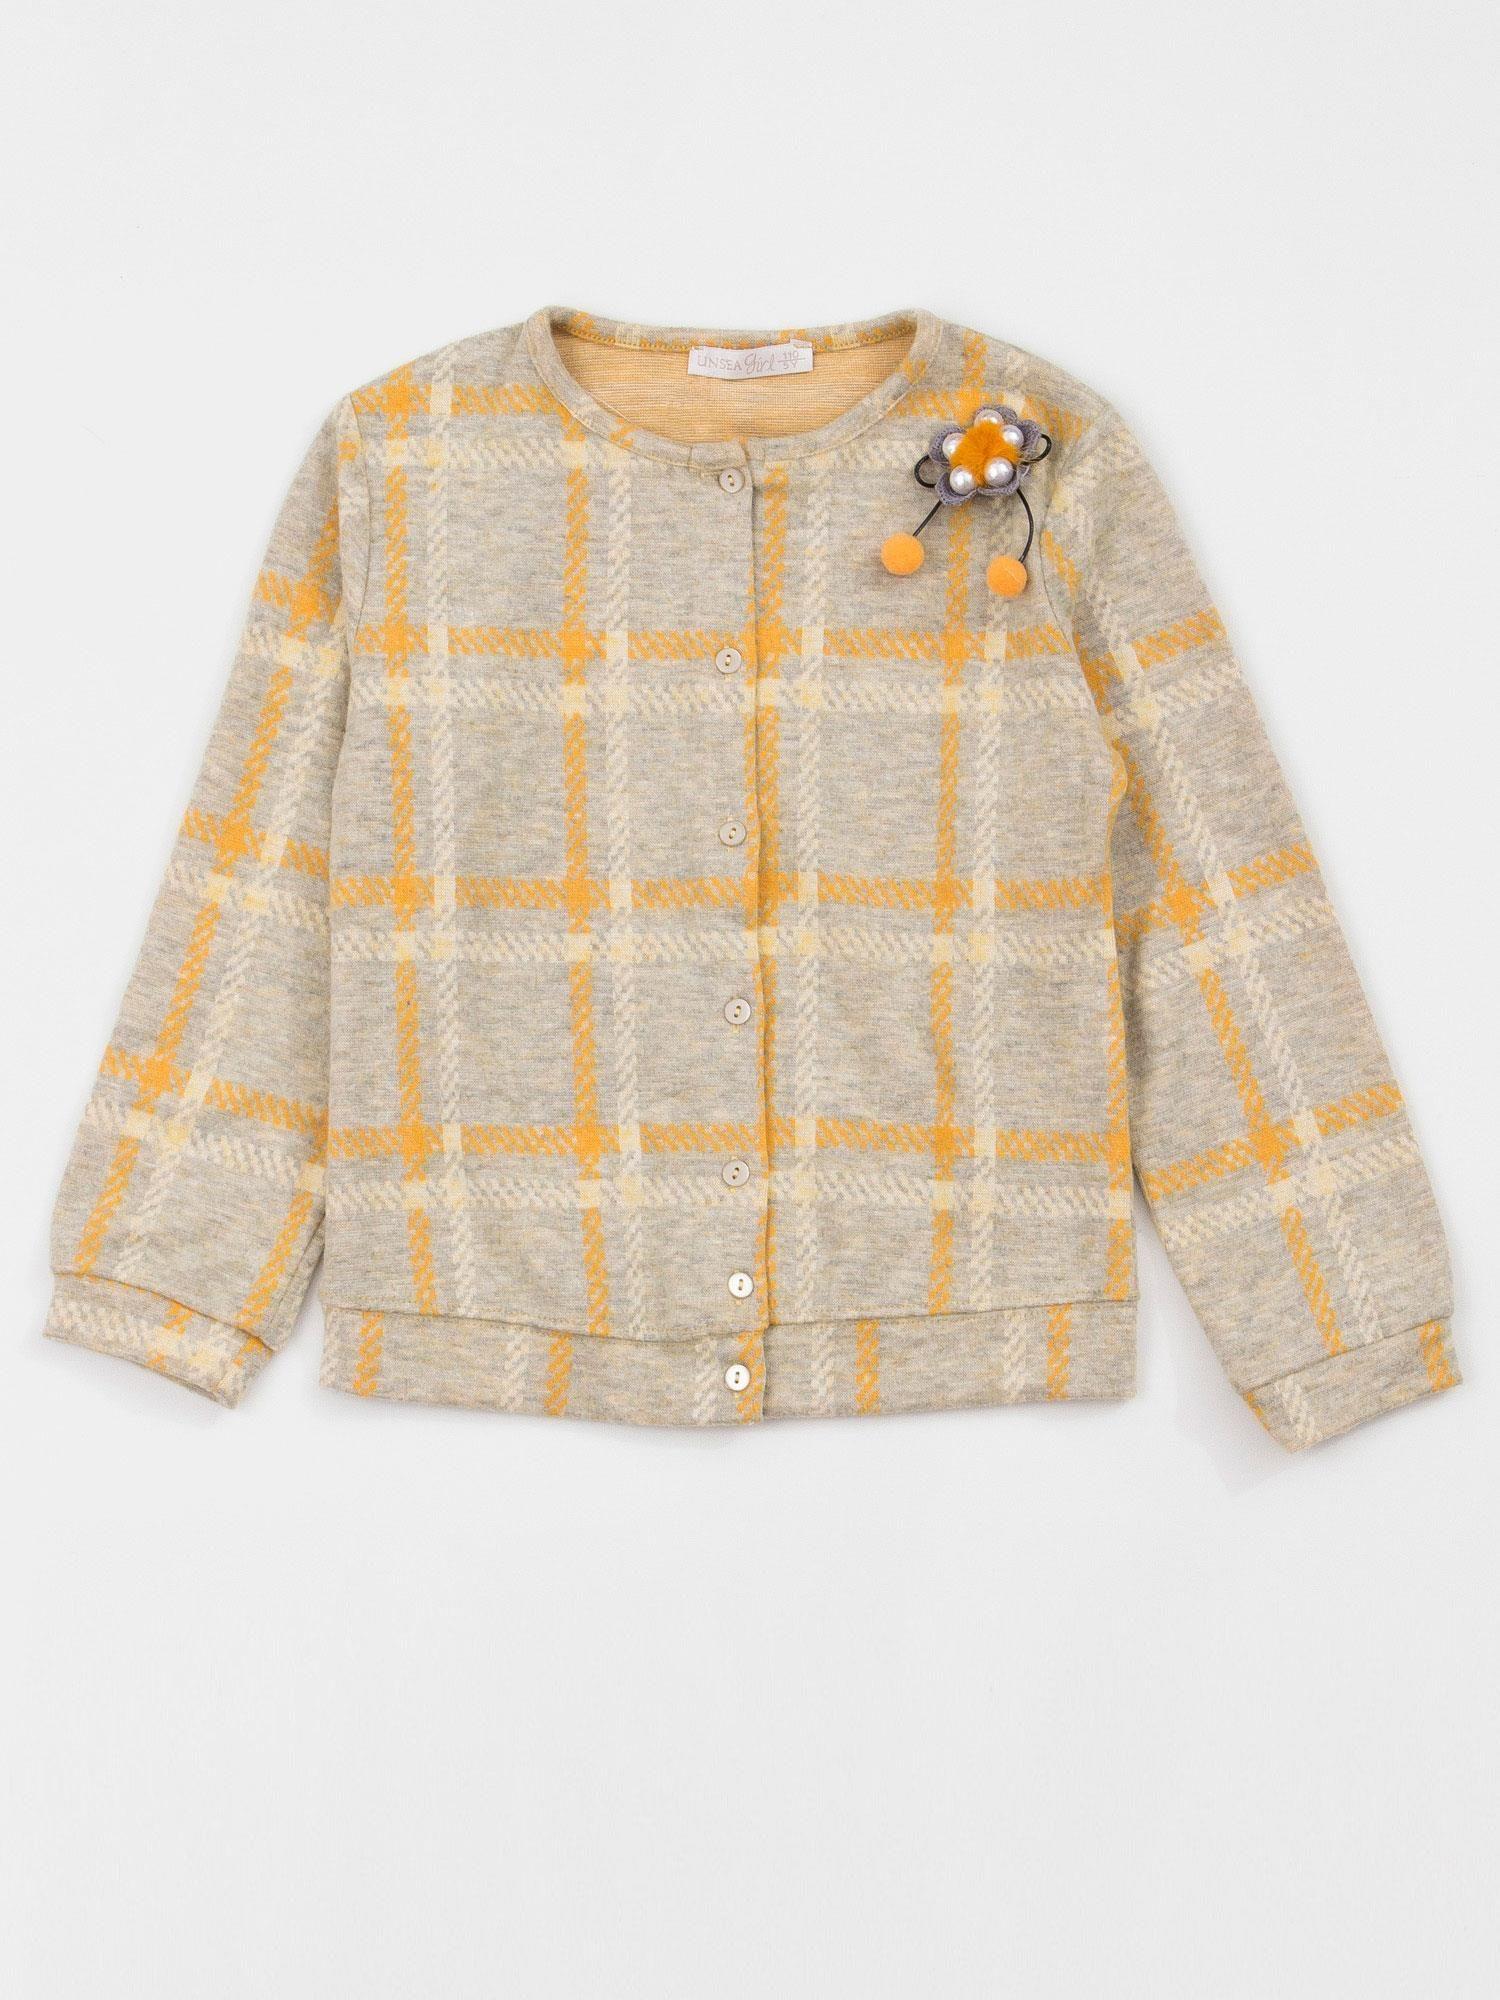 483ecf87cf Żółto-szary sweter dziecięcy w kratkę - Dziecko Dziewczynka - sklep ...